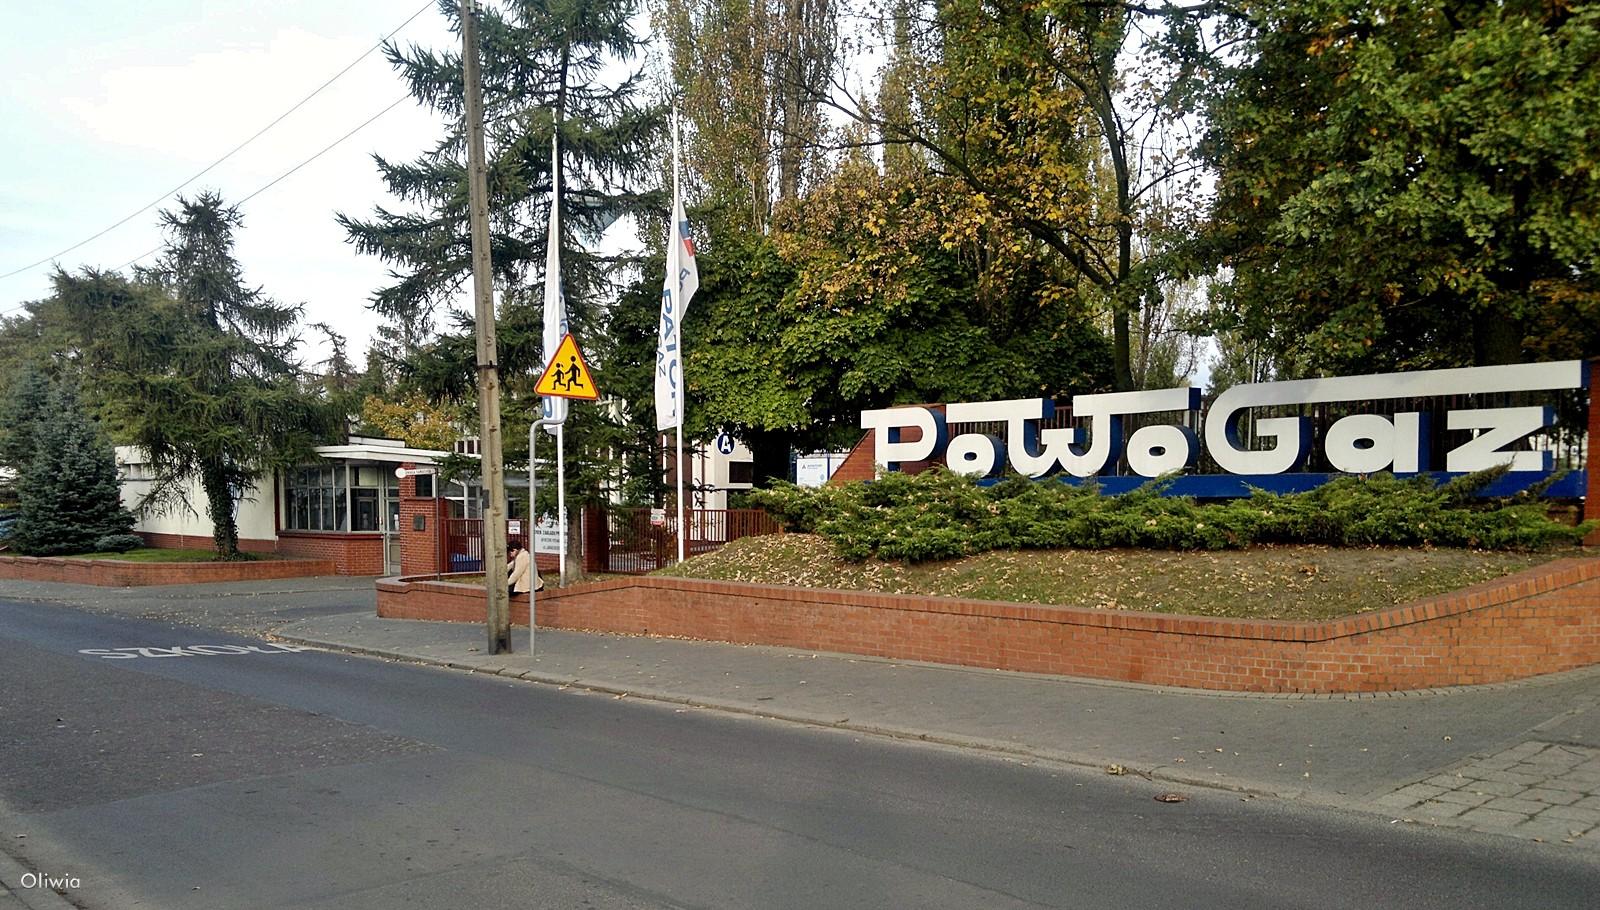 Wybitny Apator Powogaz (Warsztat Wodomierzy), Poznań - zdjęcia PP99